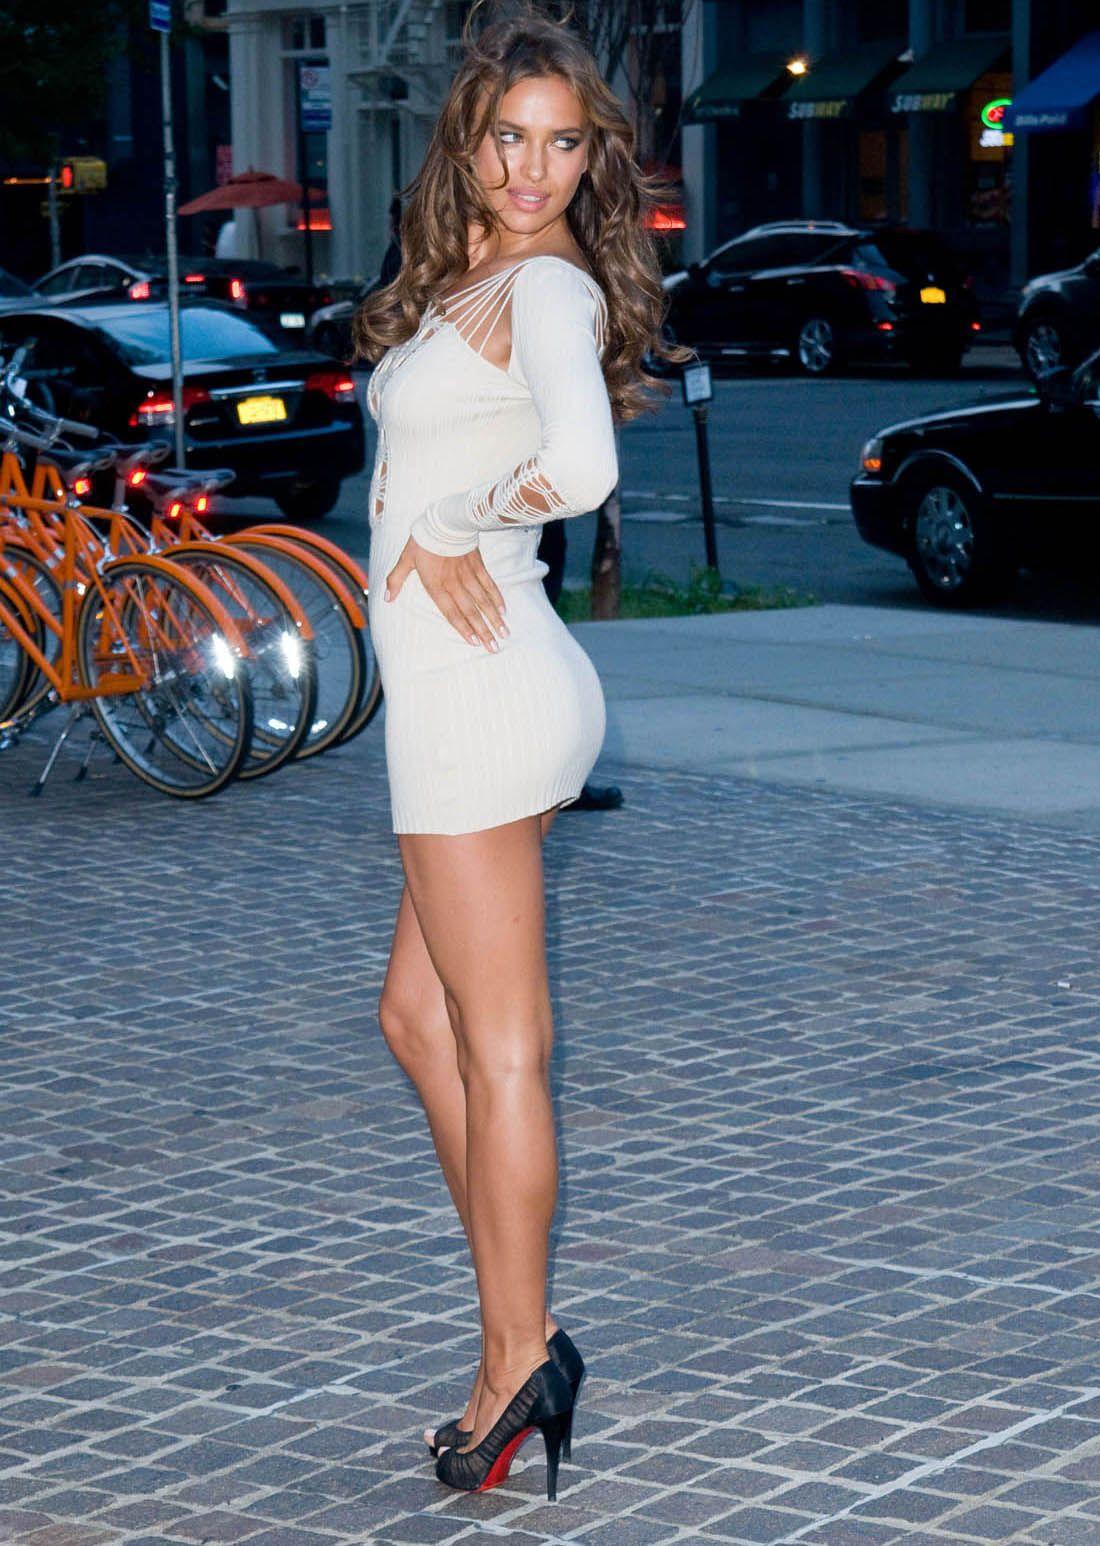 f1233b47398 Irina Shayk in a sexy dress